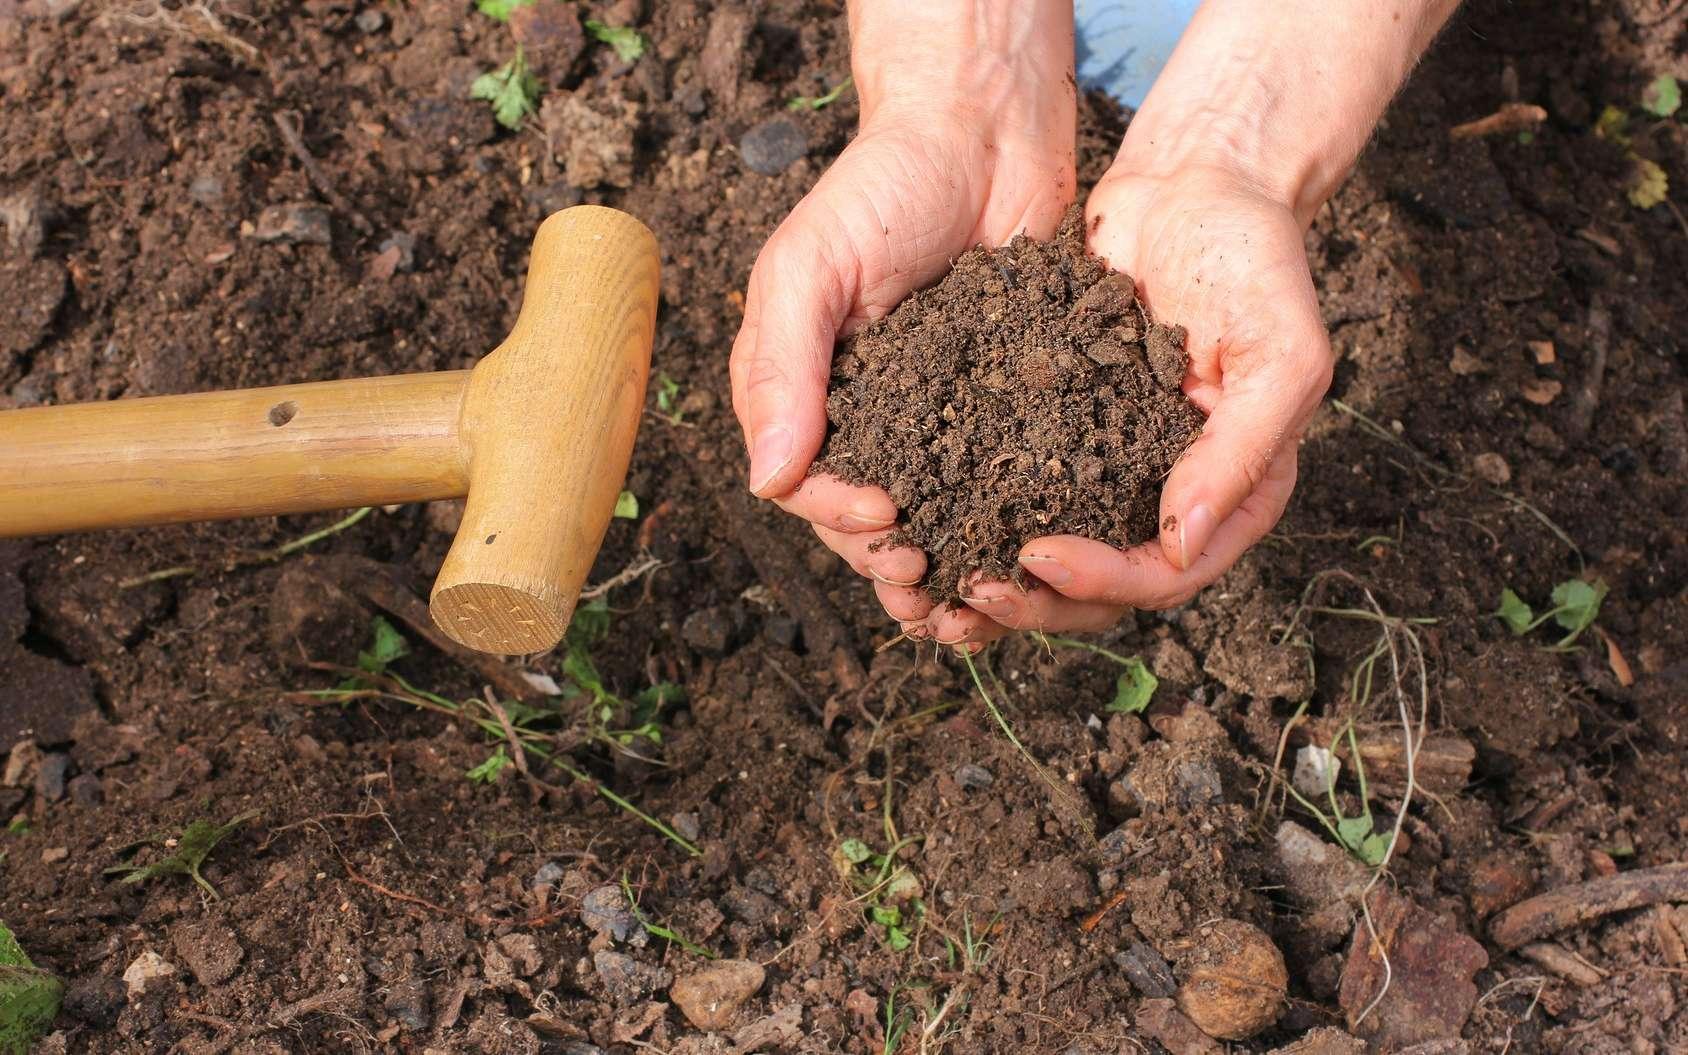 Les bactéries du sol dégradent la matière organique. © Marina Lohrbach, Fotolia